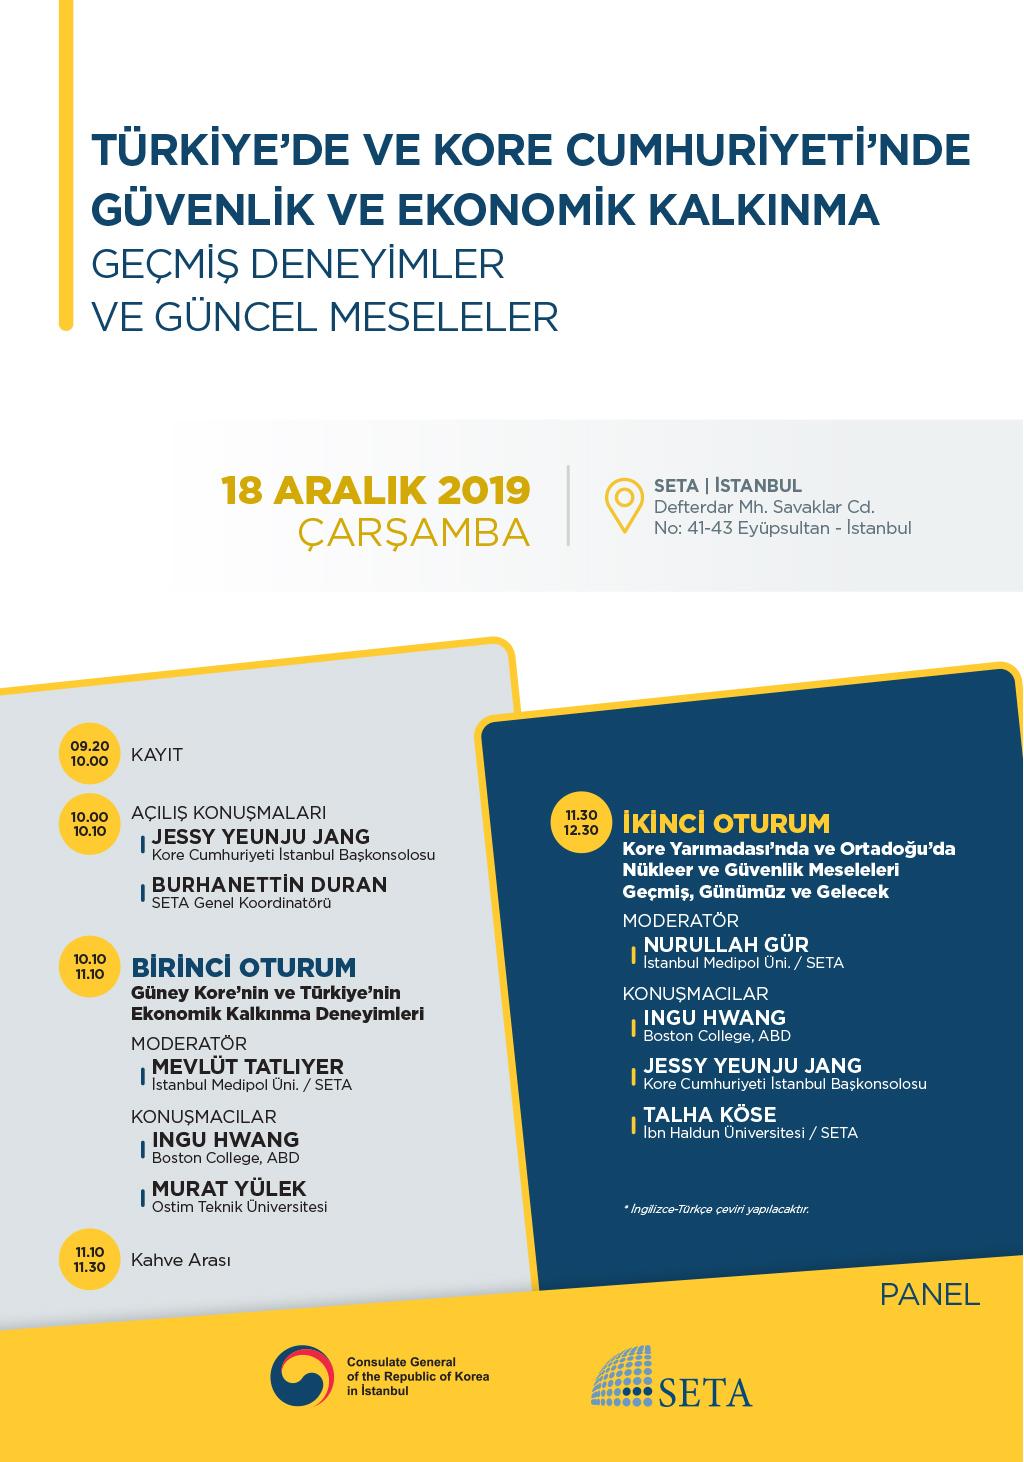 Panel: Türkiye'de ve Kore Cumhuriyeti'nde Güvenlik ve Ekonomik Kalkınma   Geçmiş Deneyimler ve Güncel Meseleler